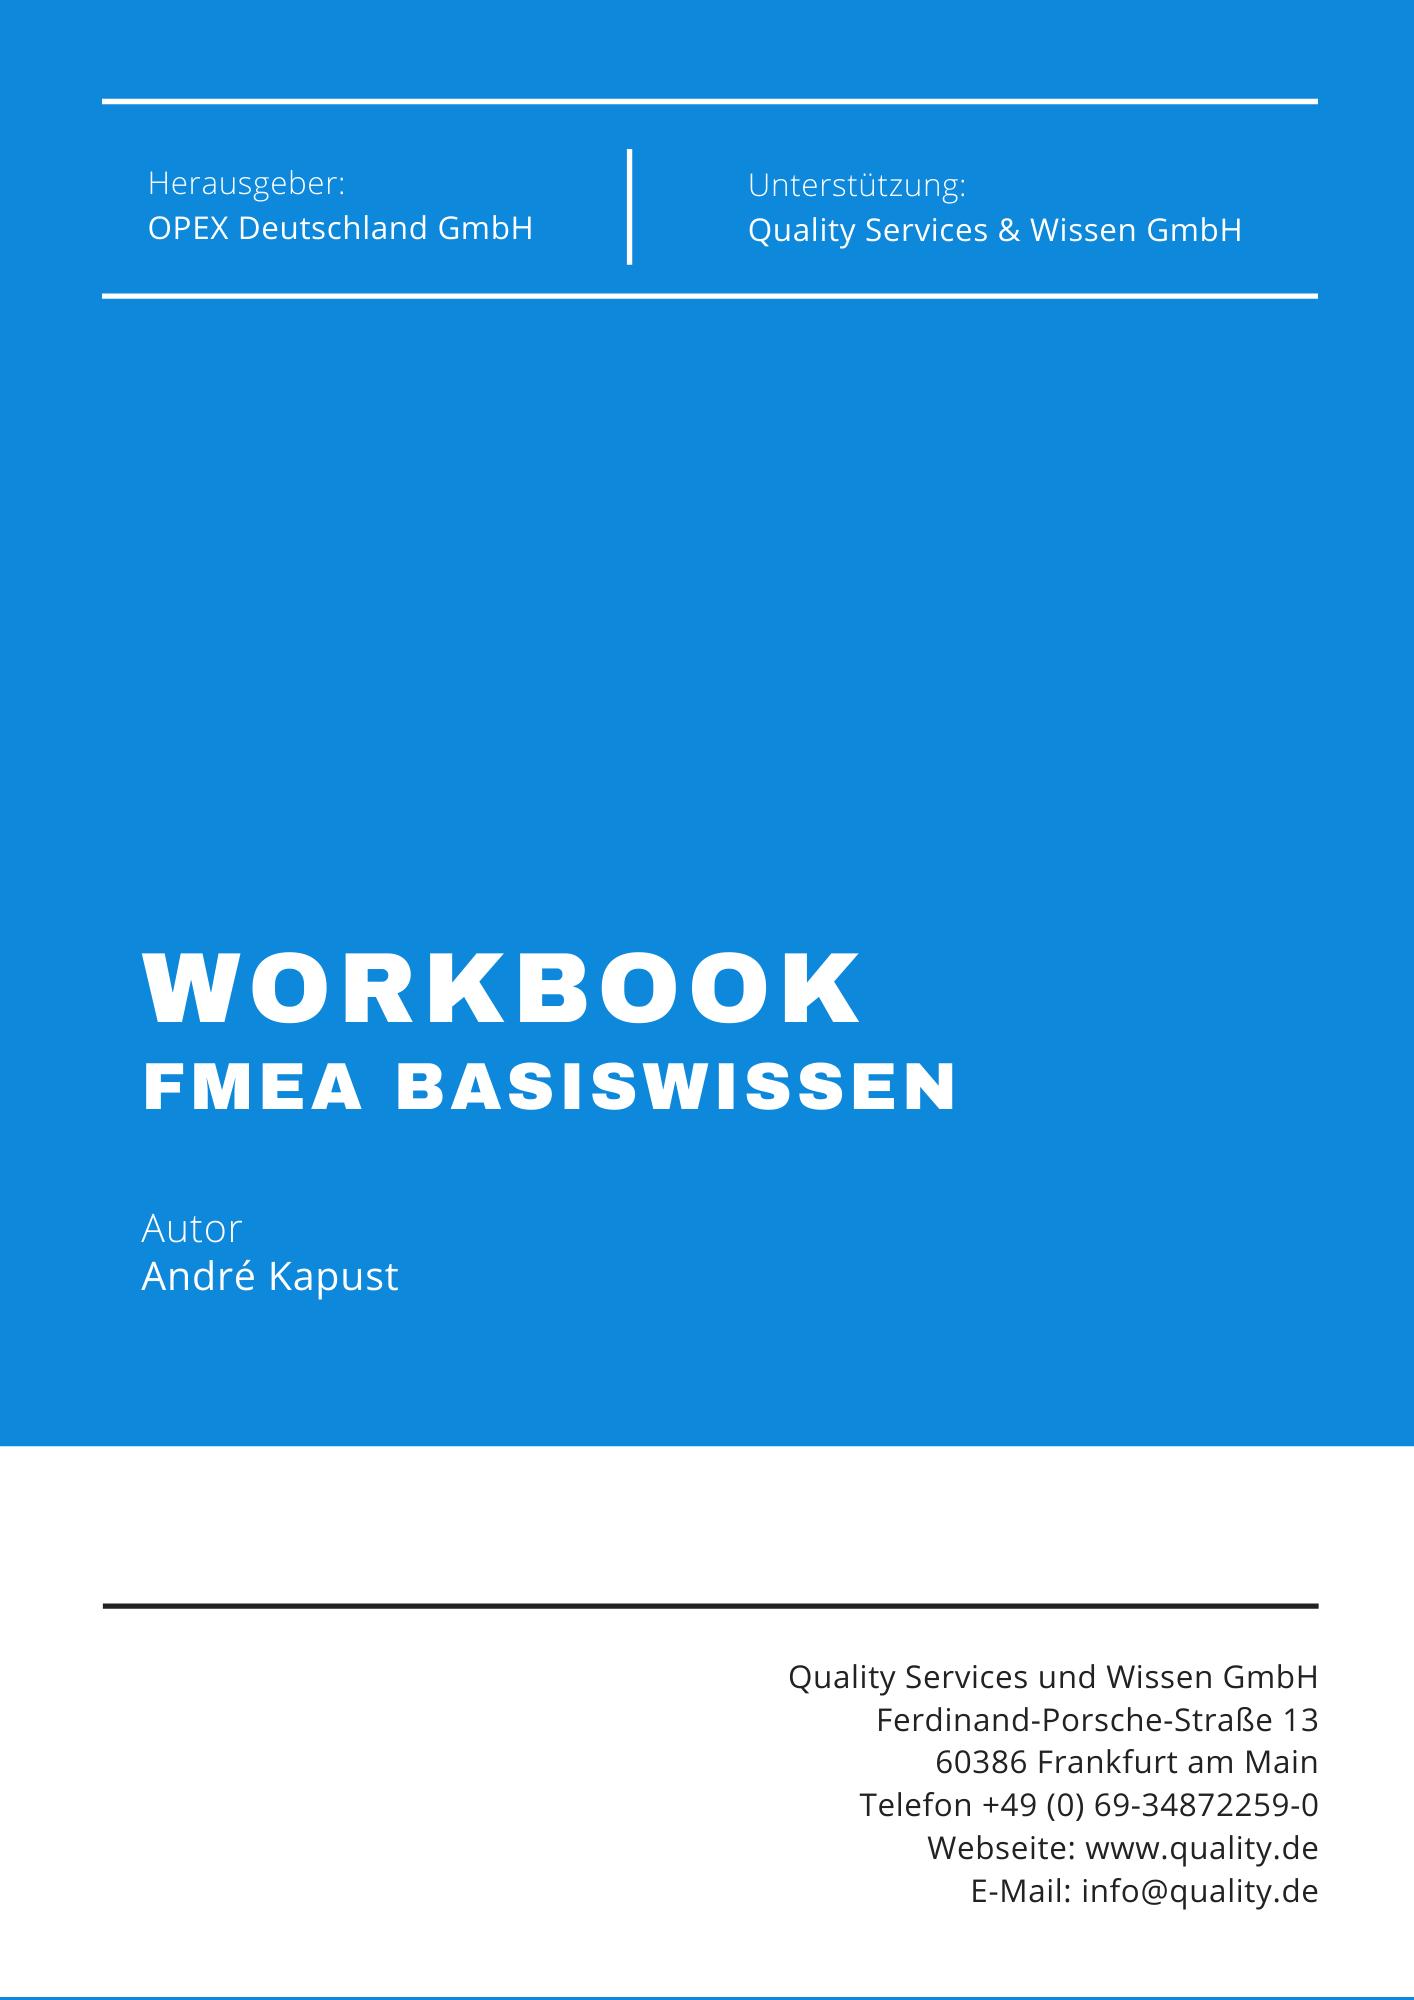 FMEA Workbook FMEA Basiswissen